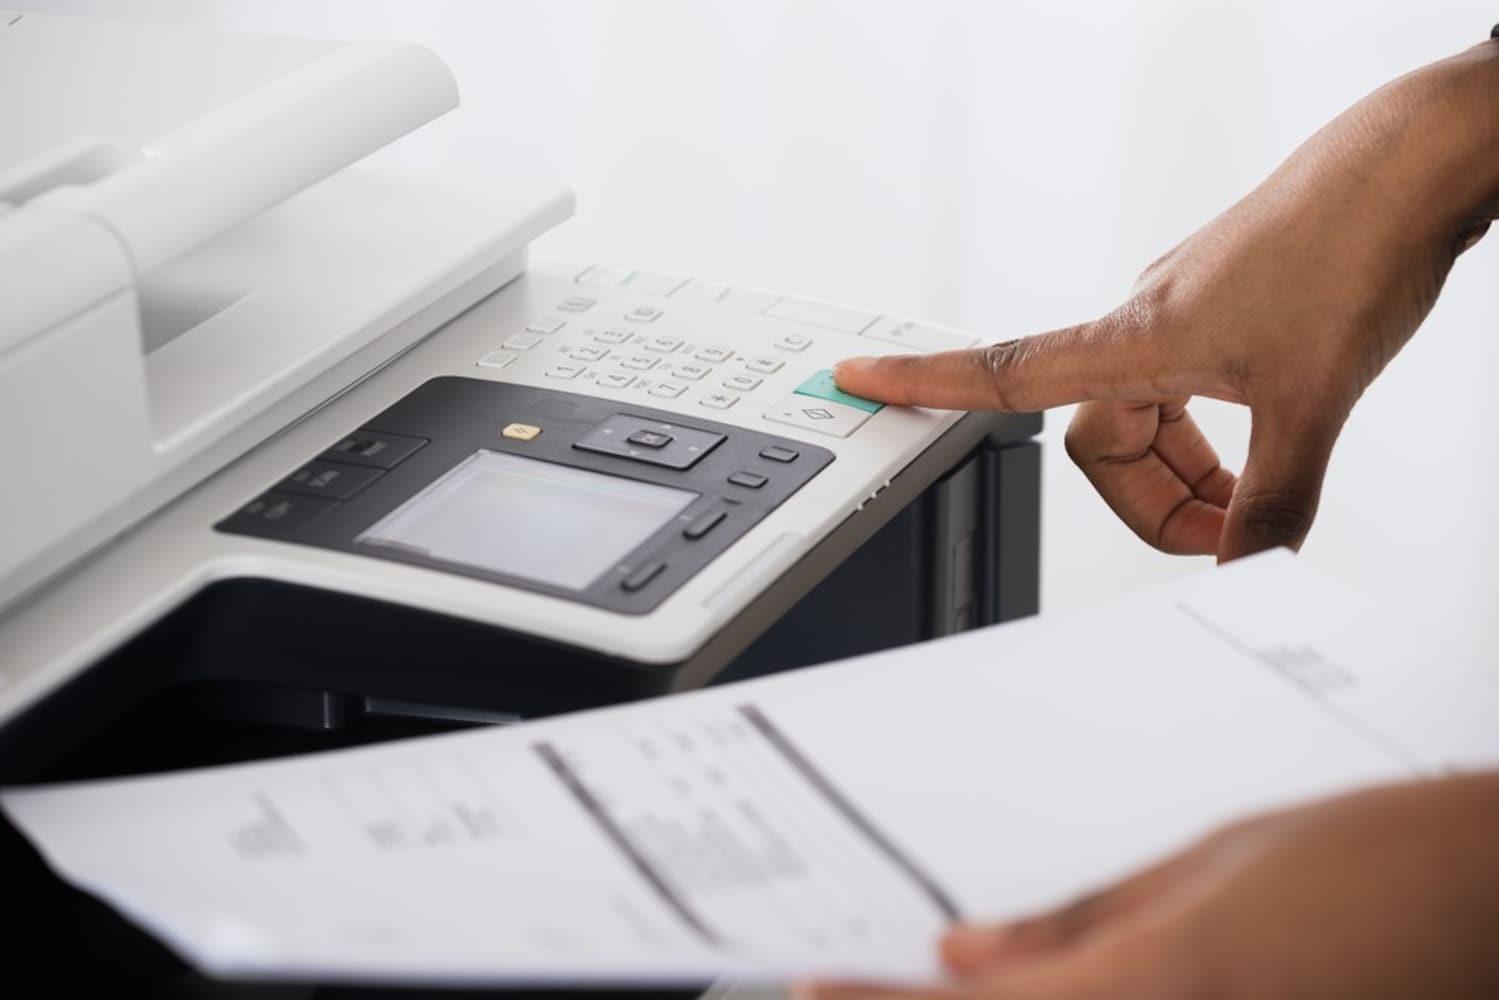 タイプ|印刷・コピー・スキャンなど多機能を搭載した「複合機」が便利